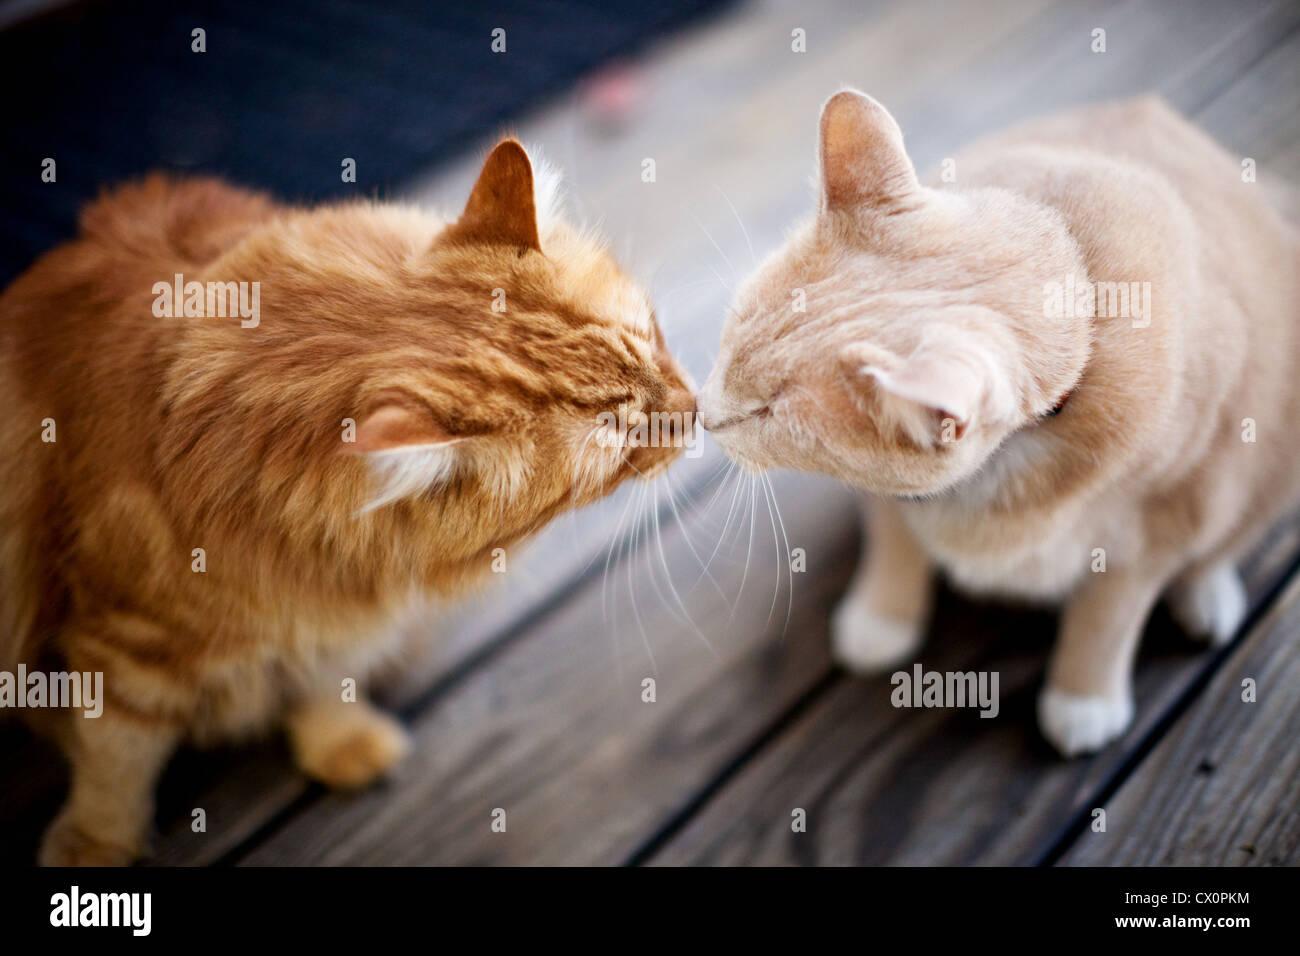 Draufsicht auf zwei Katzen, die Nase zu berühren Stockbild